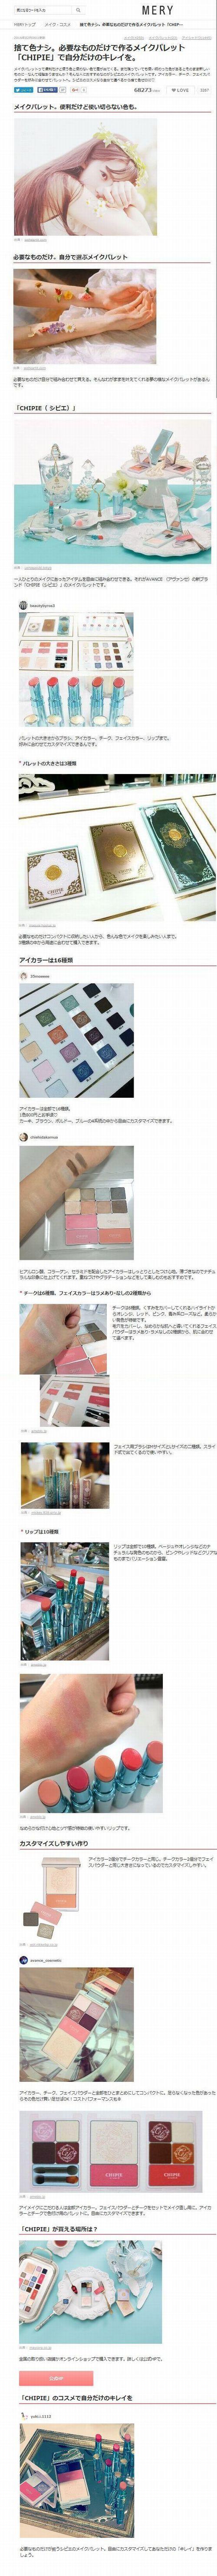 【シピエ記事】MARY連結500.jpg